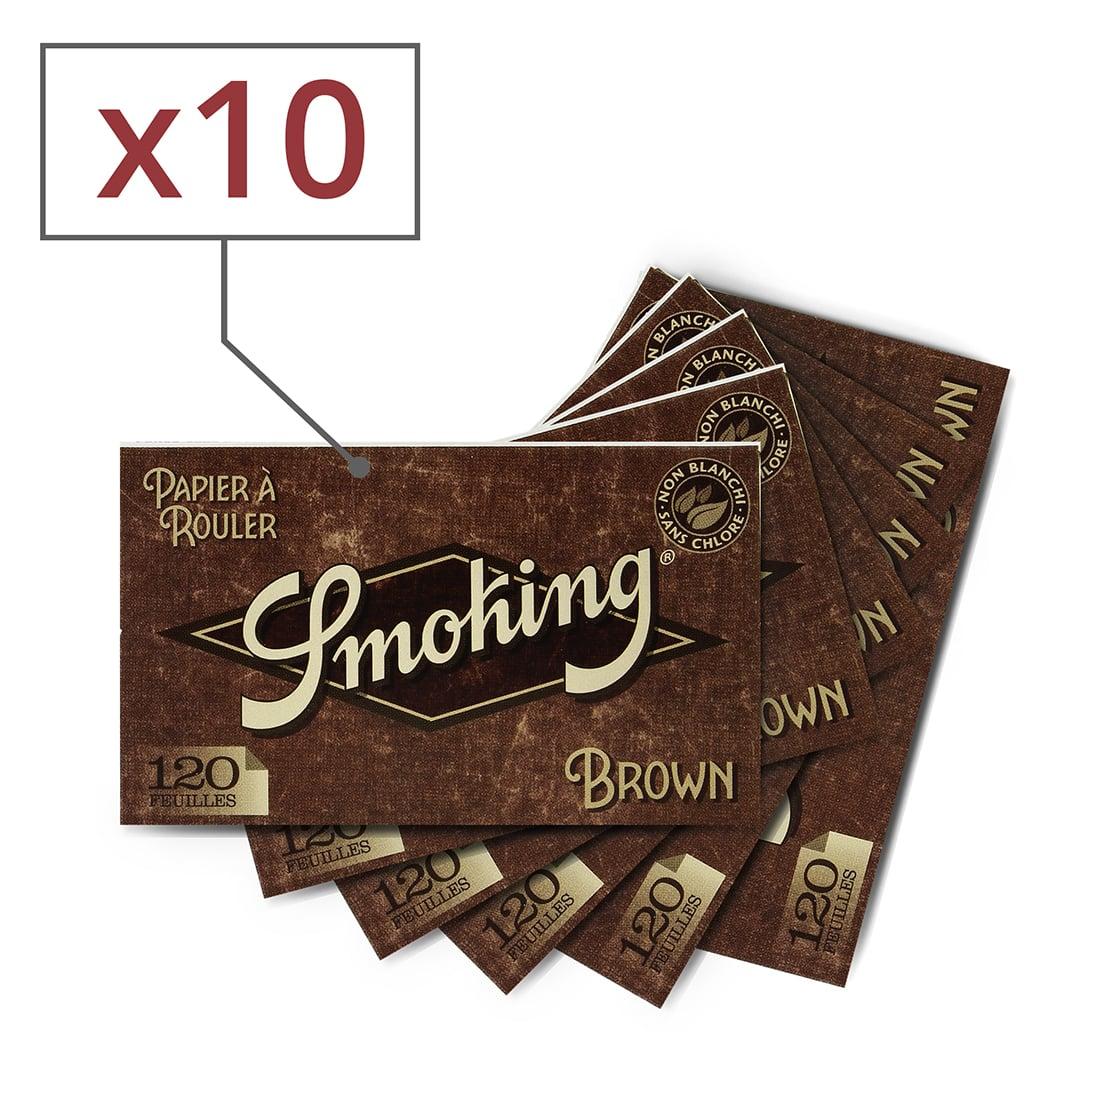 Photo de Papier à rouler Smoking Brown Régular x 10